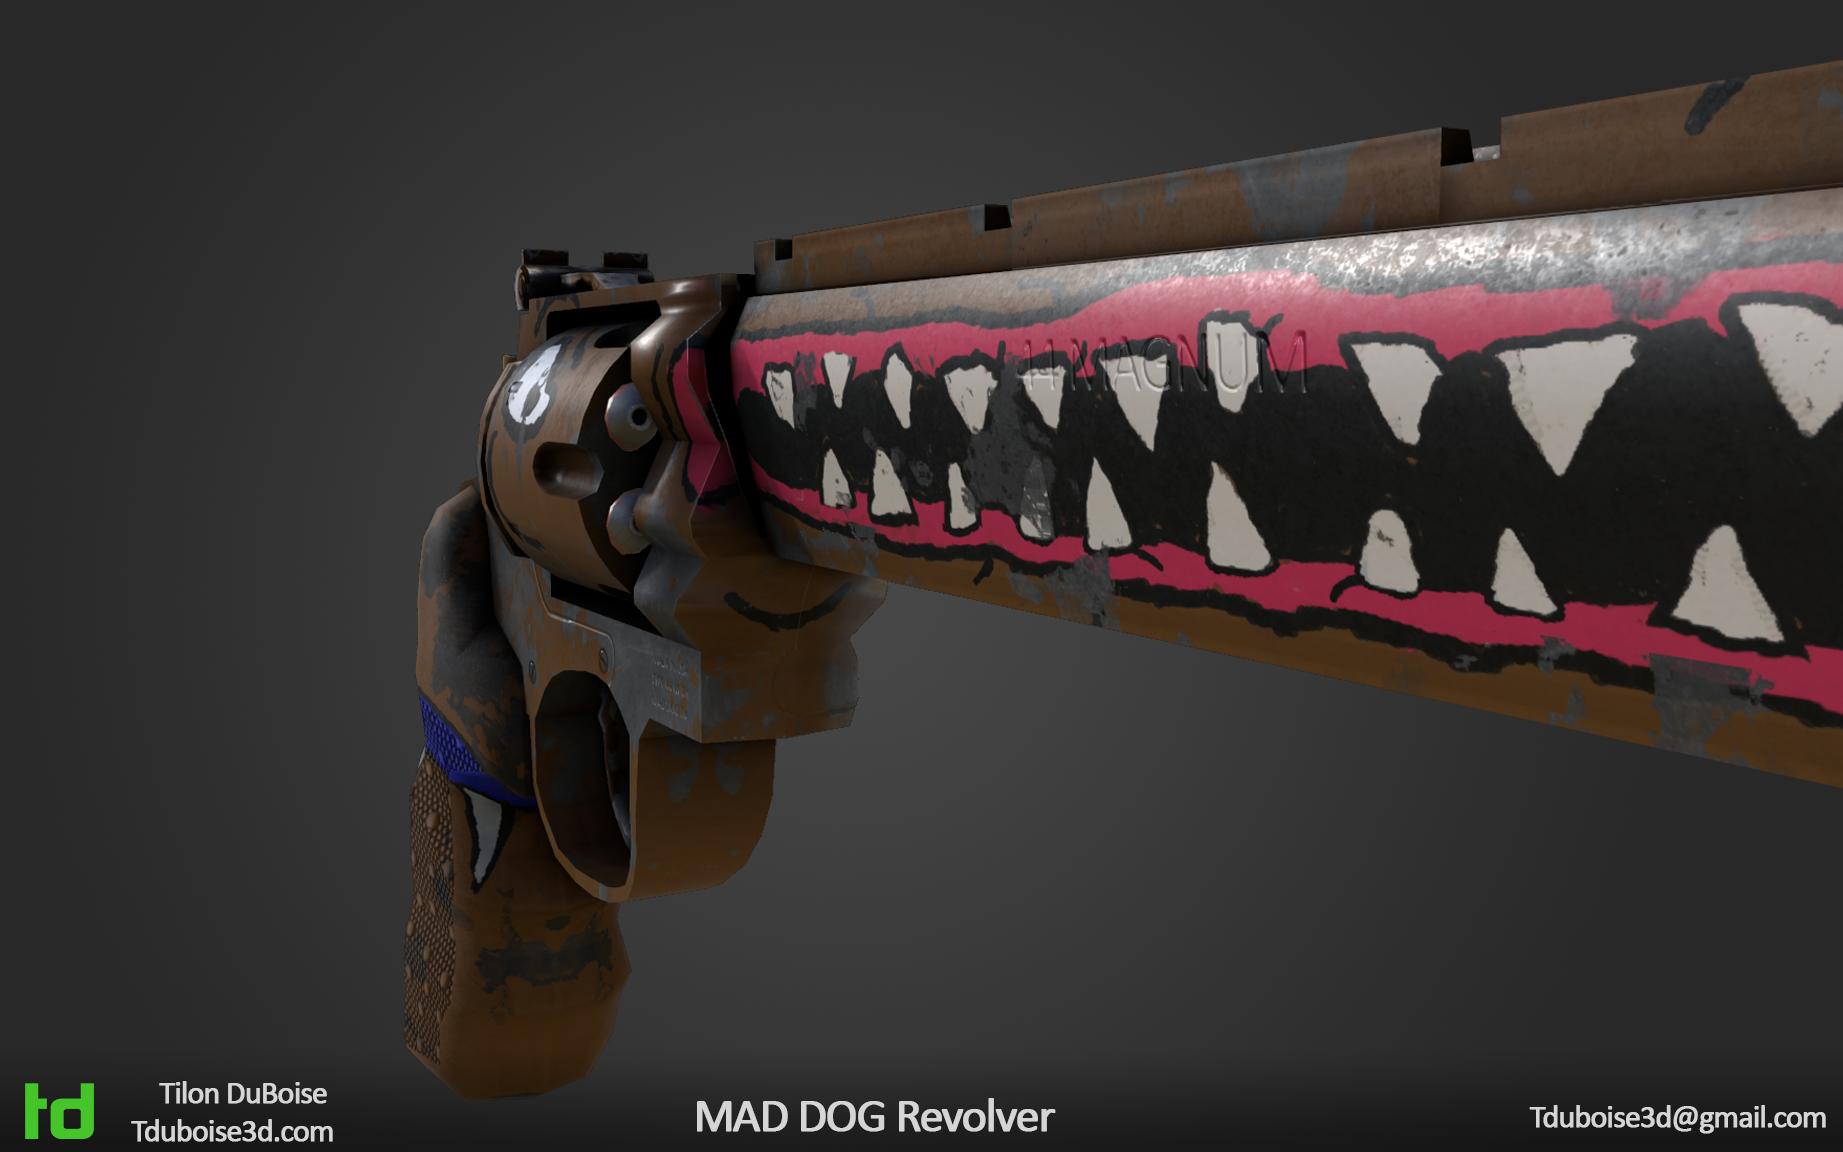 MadDog-Revolver-poster4